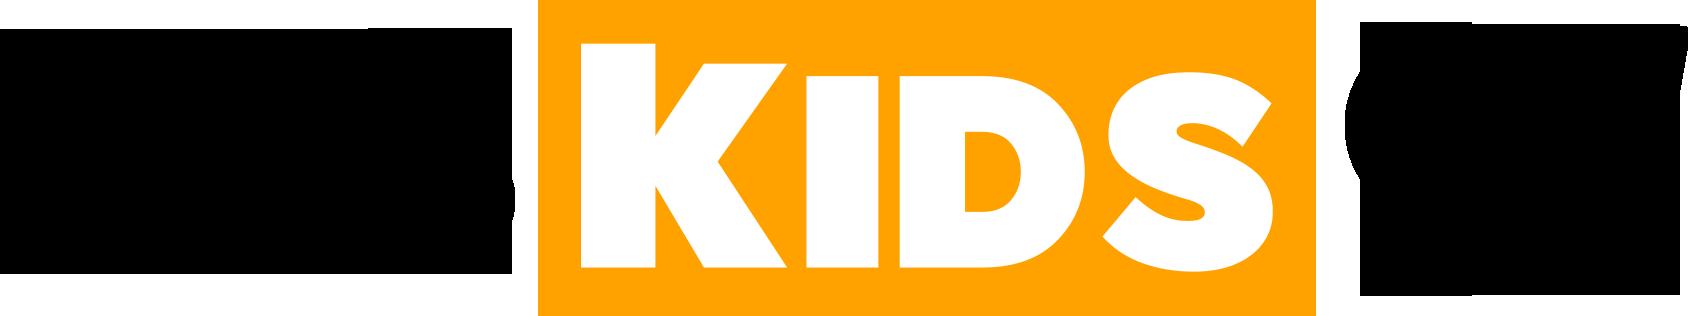 103 Kids 9